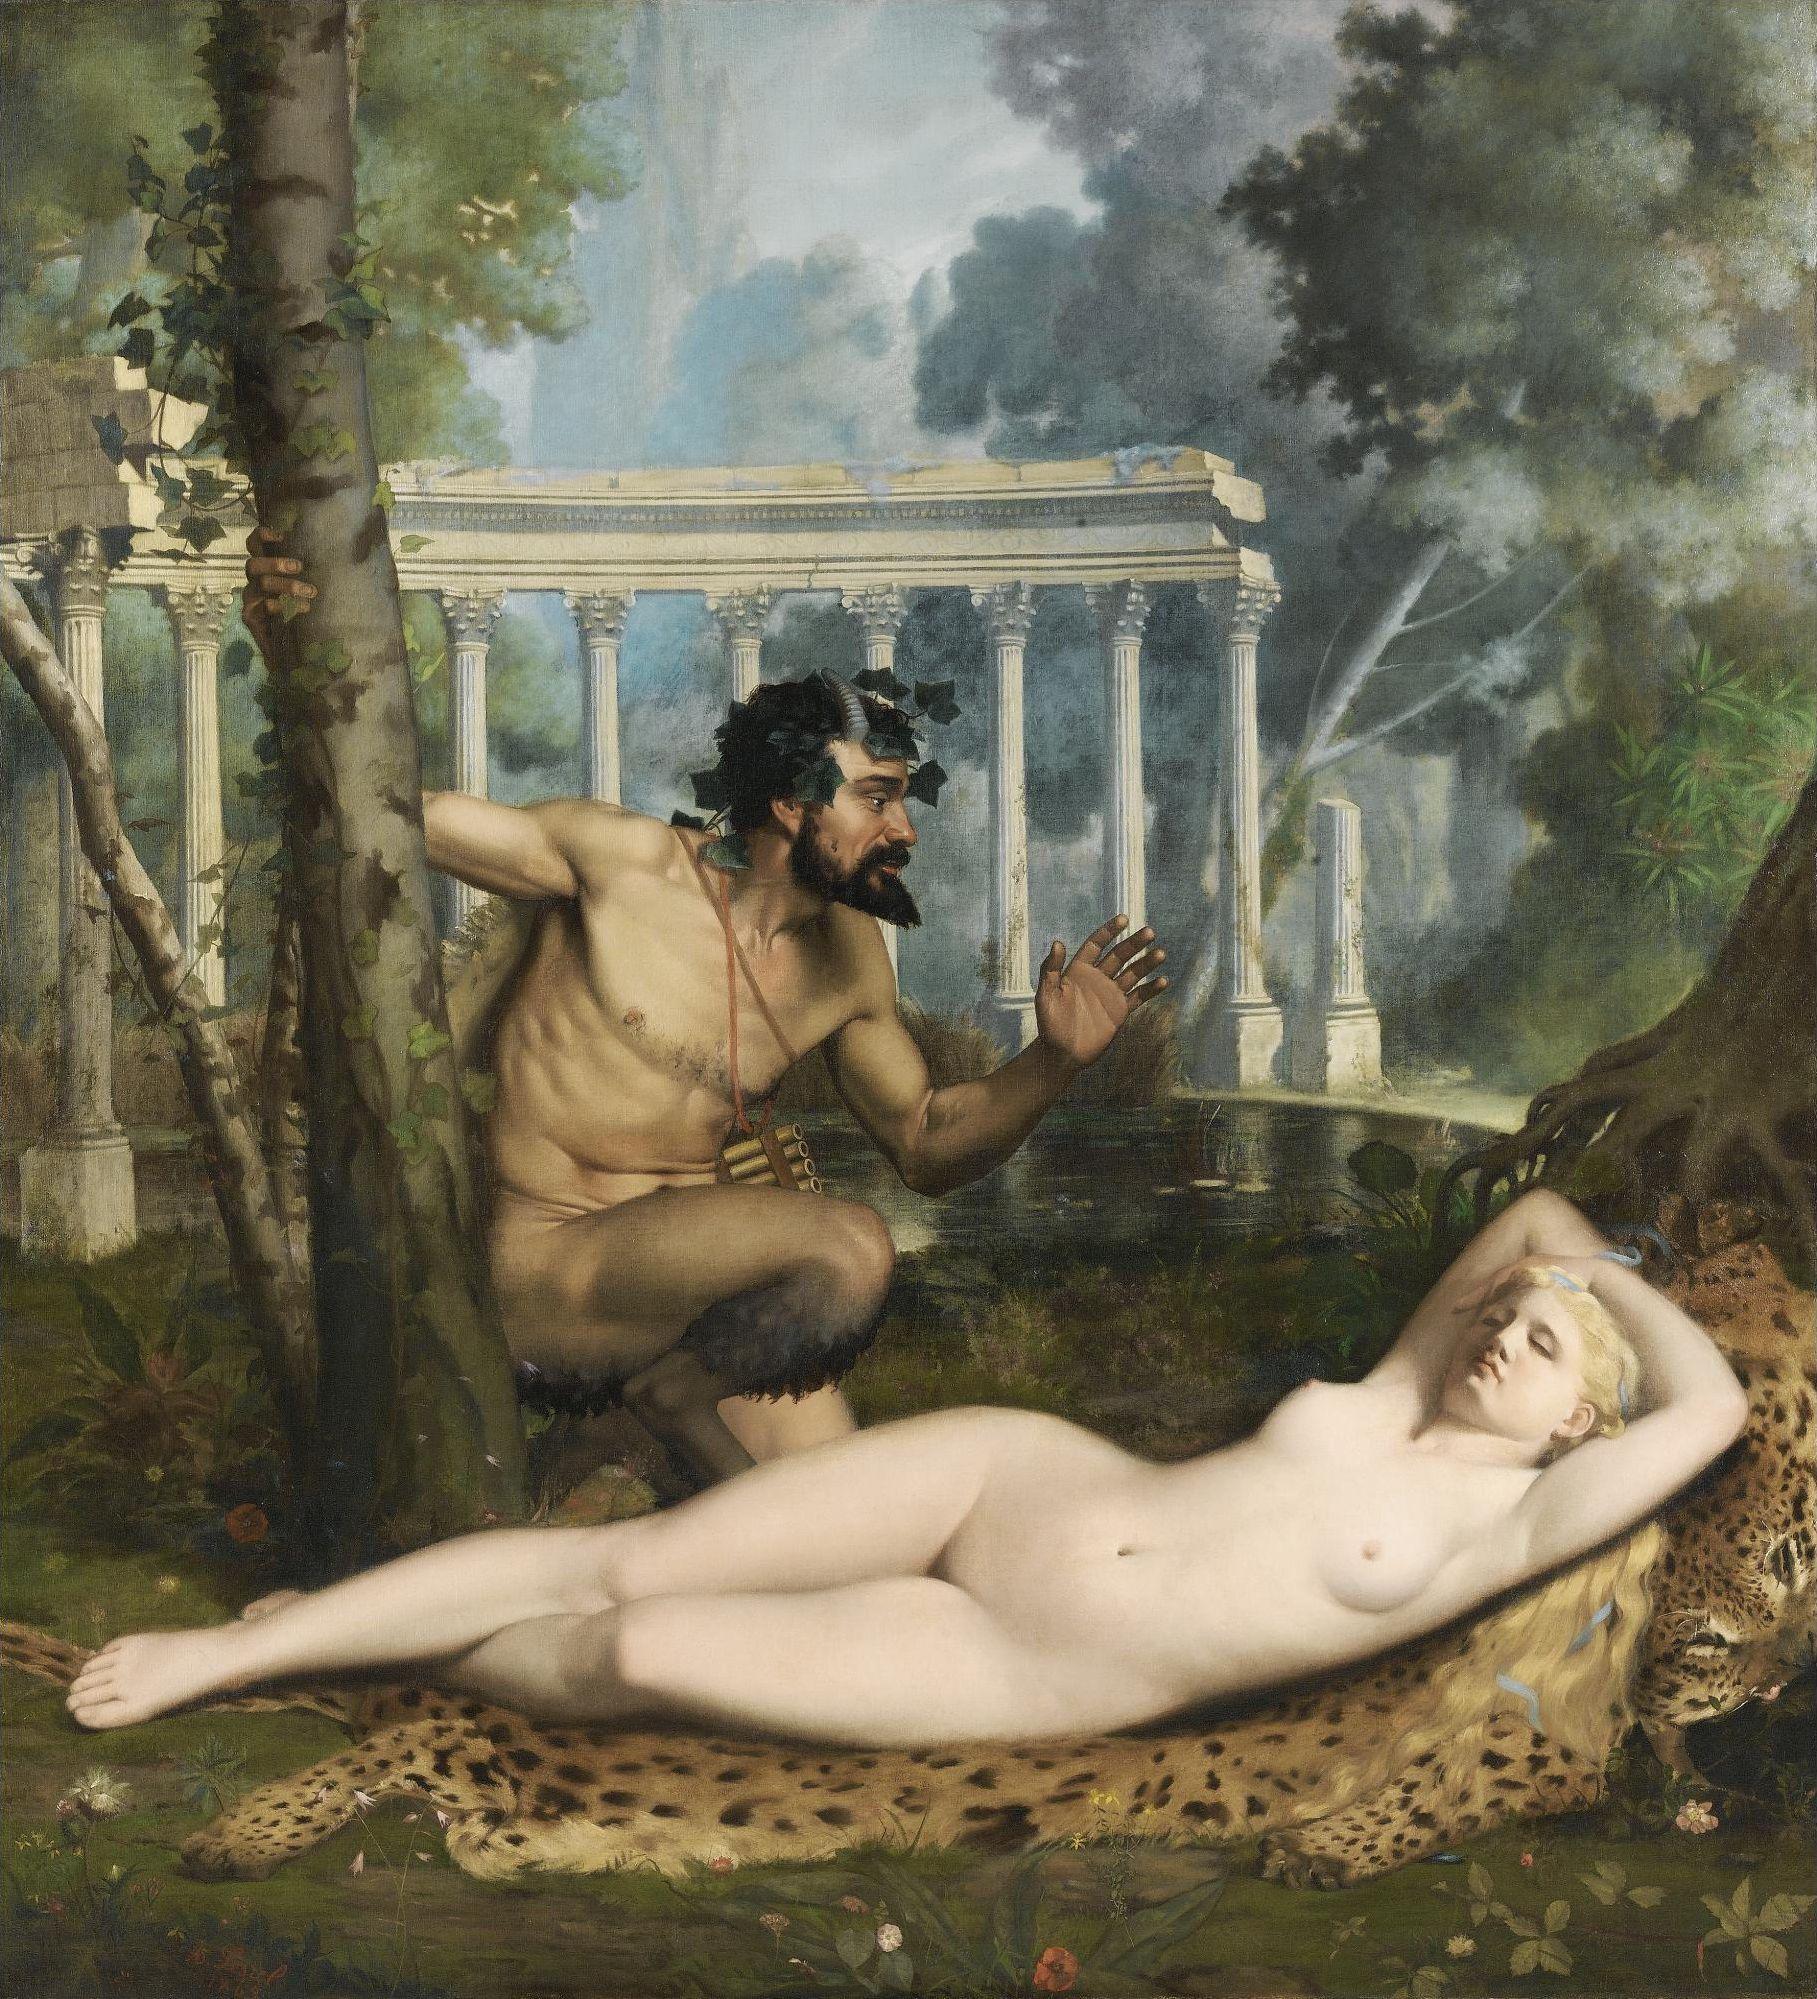 Adolphe-Alexandre Lesrel, 1839-1890. Пан и Венера. 1865. 176 х 161 см. Частная коллекция